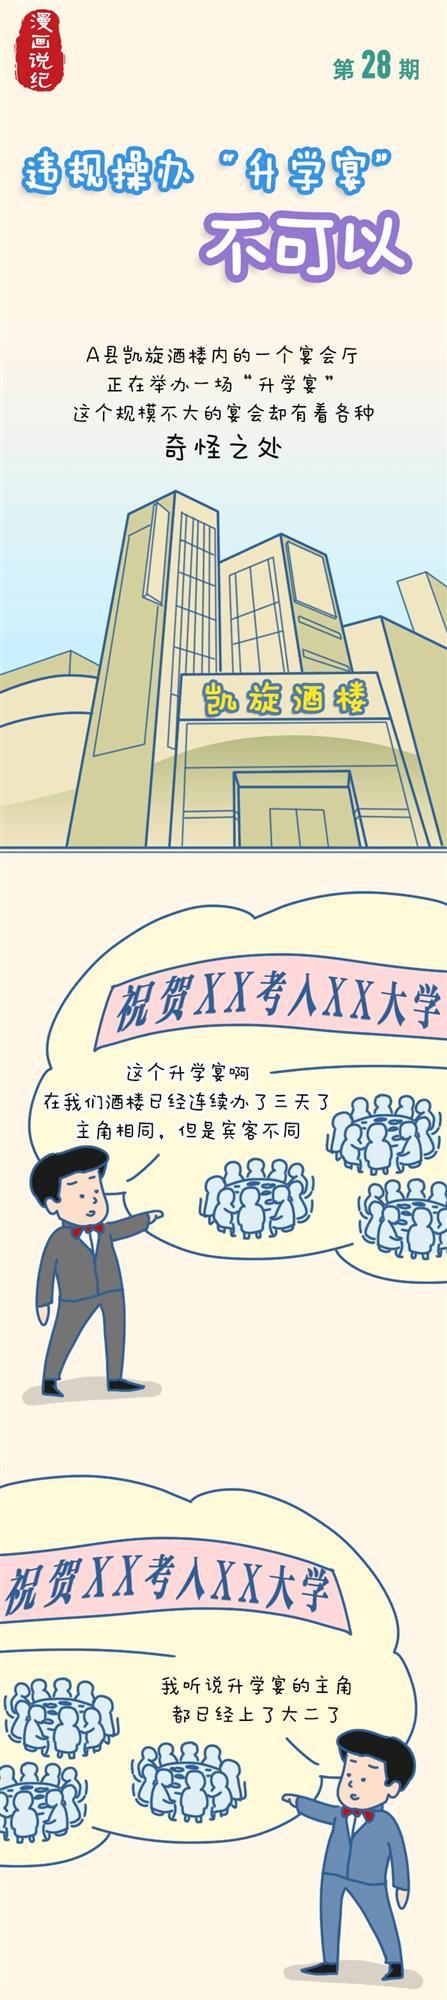 漫画说纪|违规操办升学杏悦宴不可以,杏悦图片